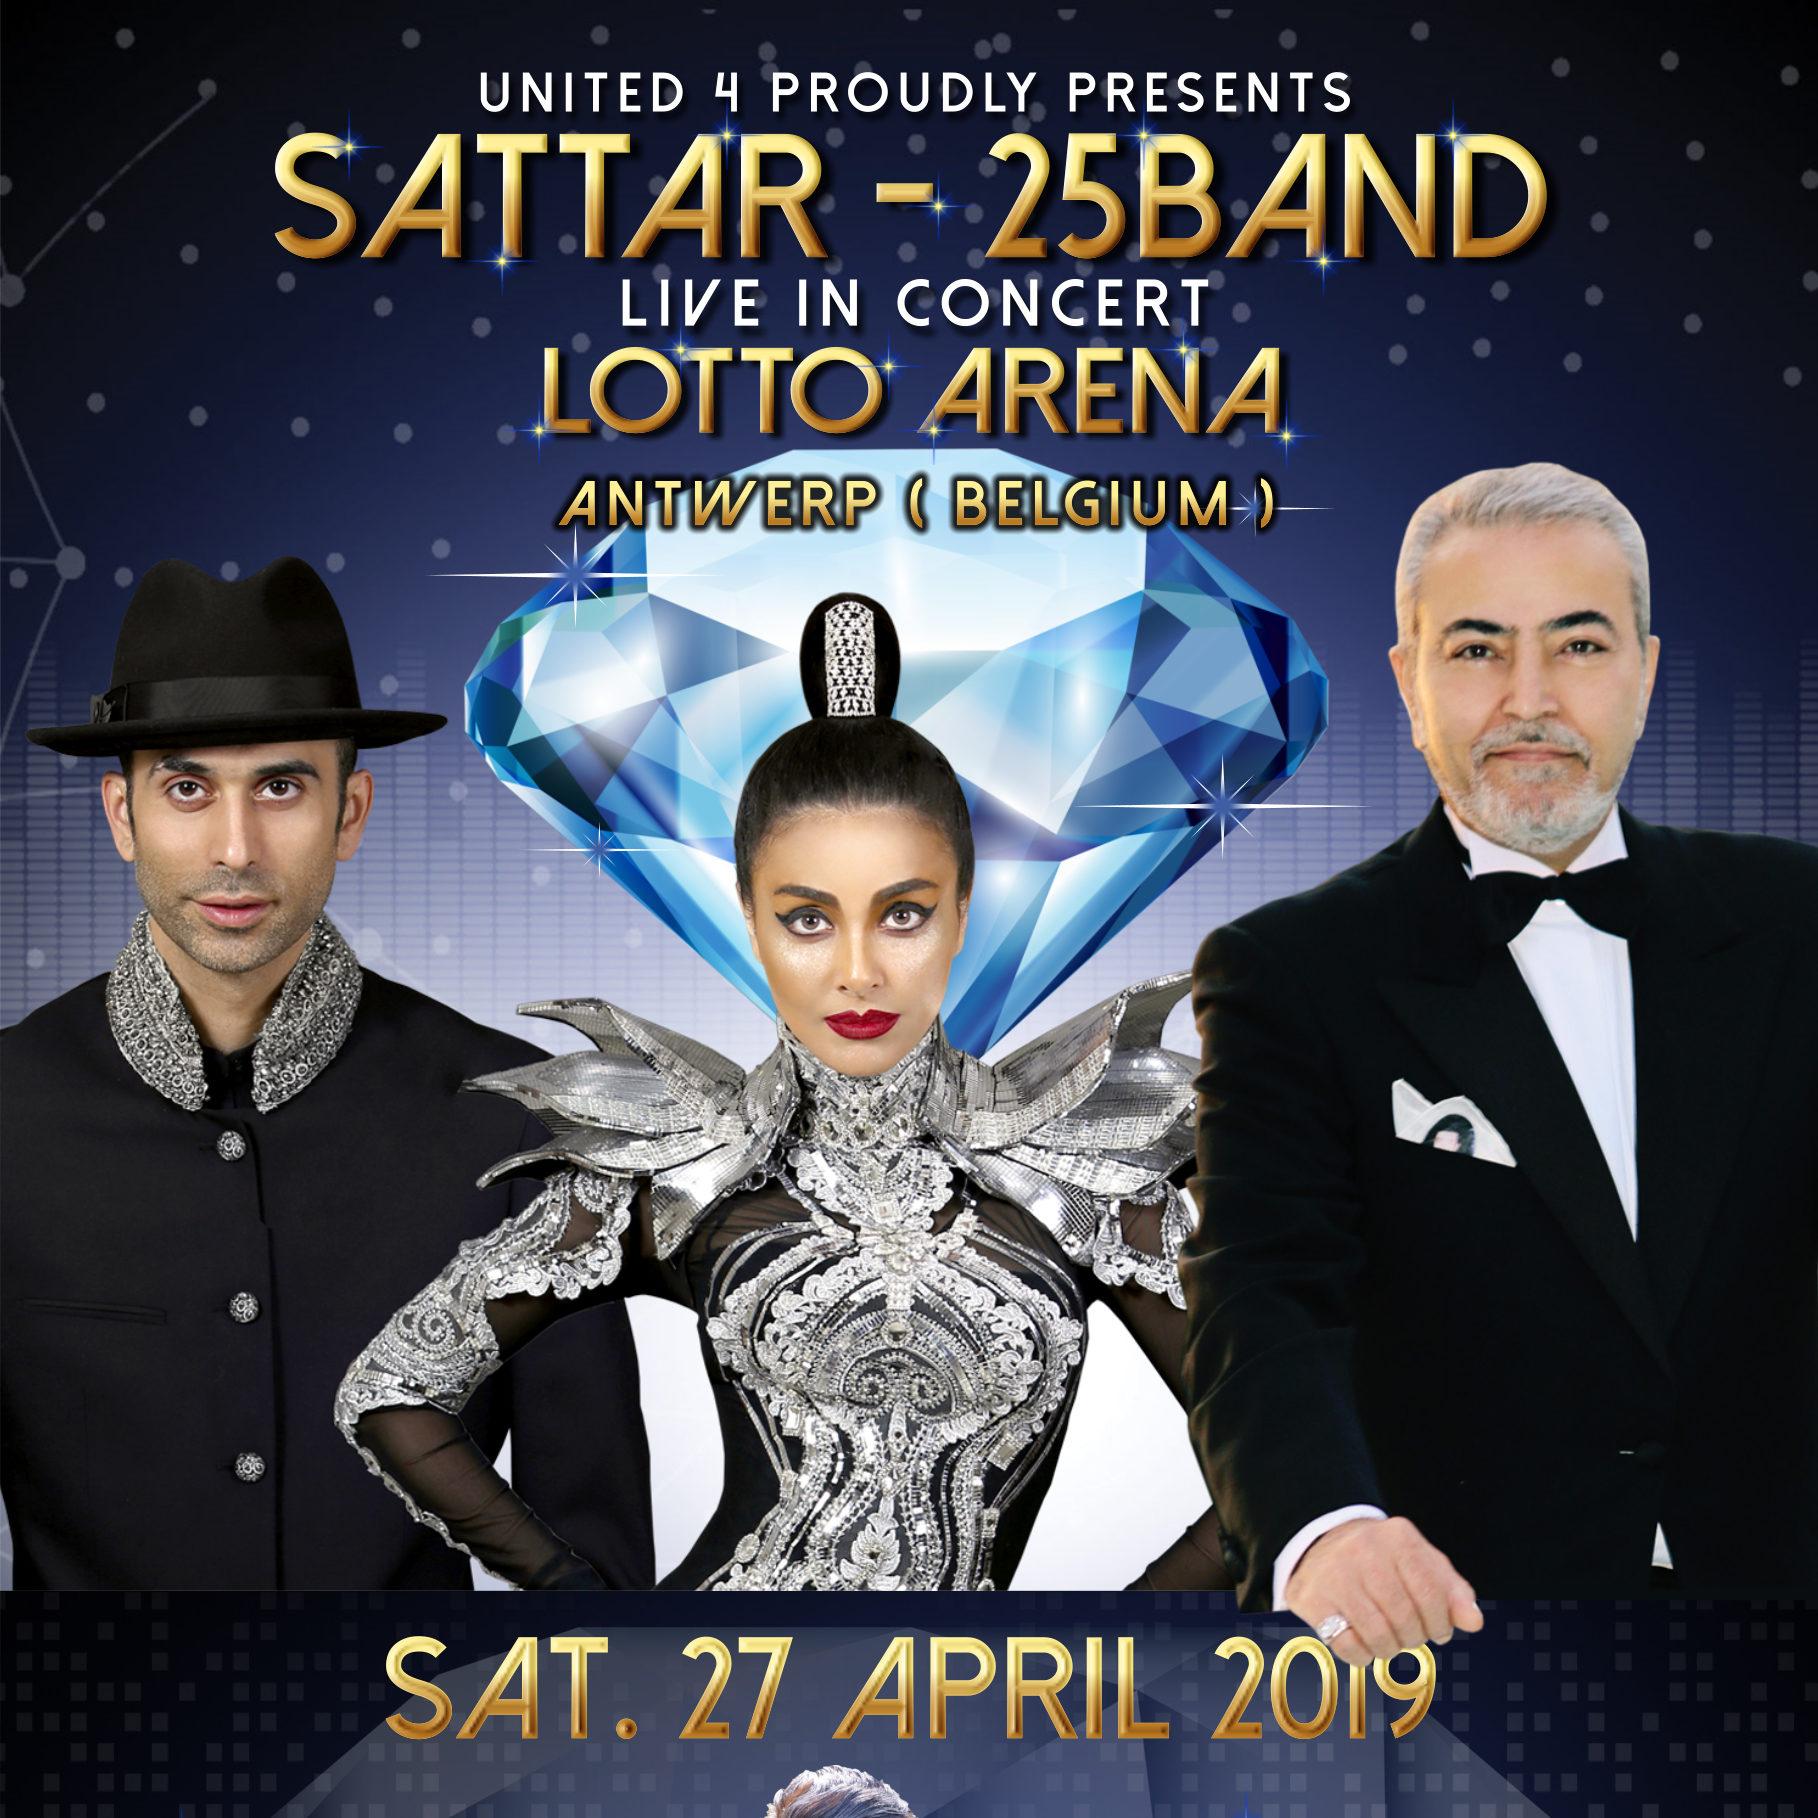 affiche d'un concert iranien en Belgique, à Anvers, avec 25 Band, Sattar